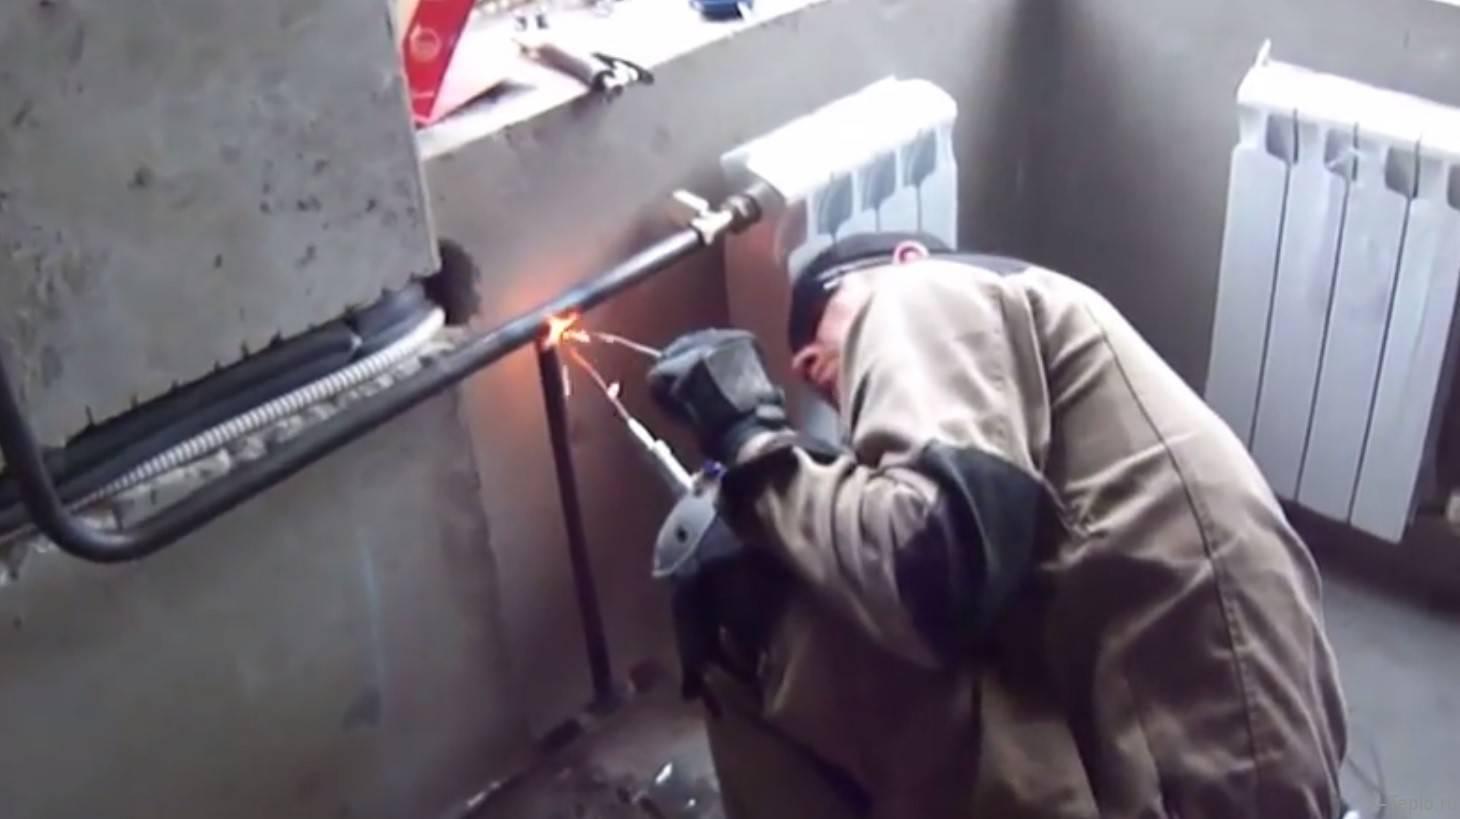 Замена труб отопления в квартире: монтаж отопительной системы, выбор материала